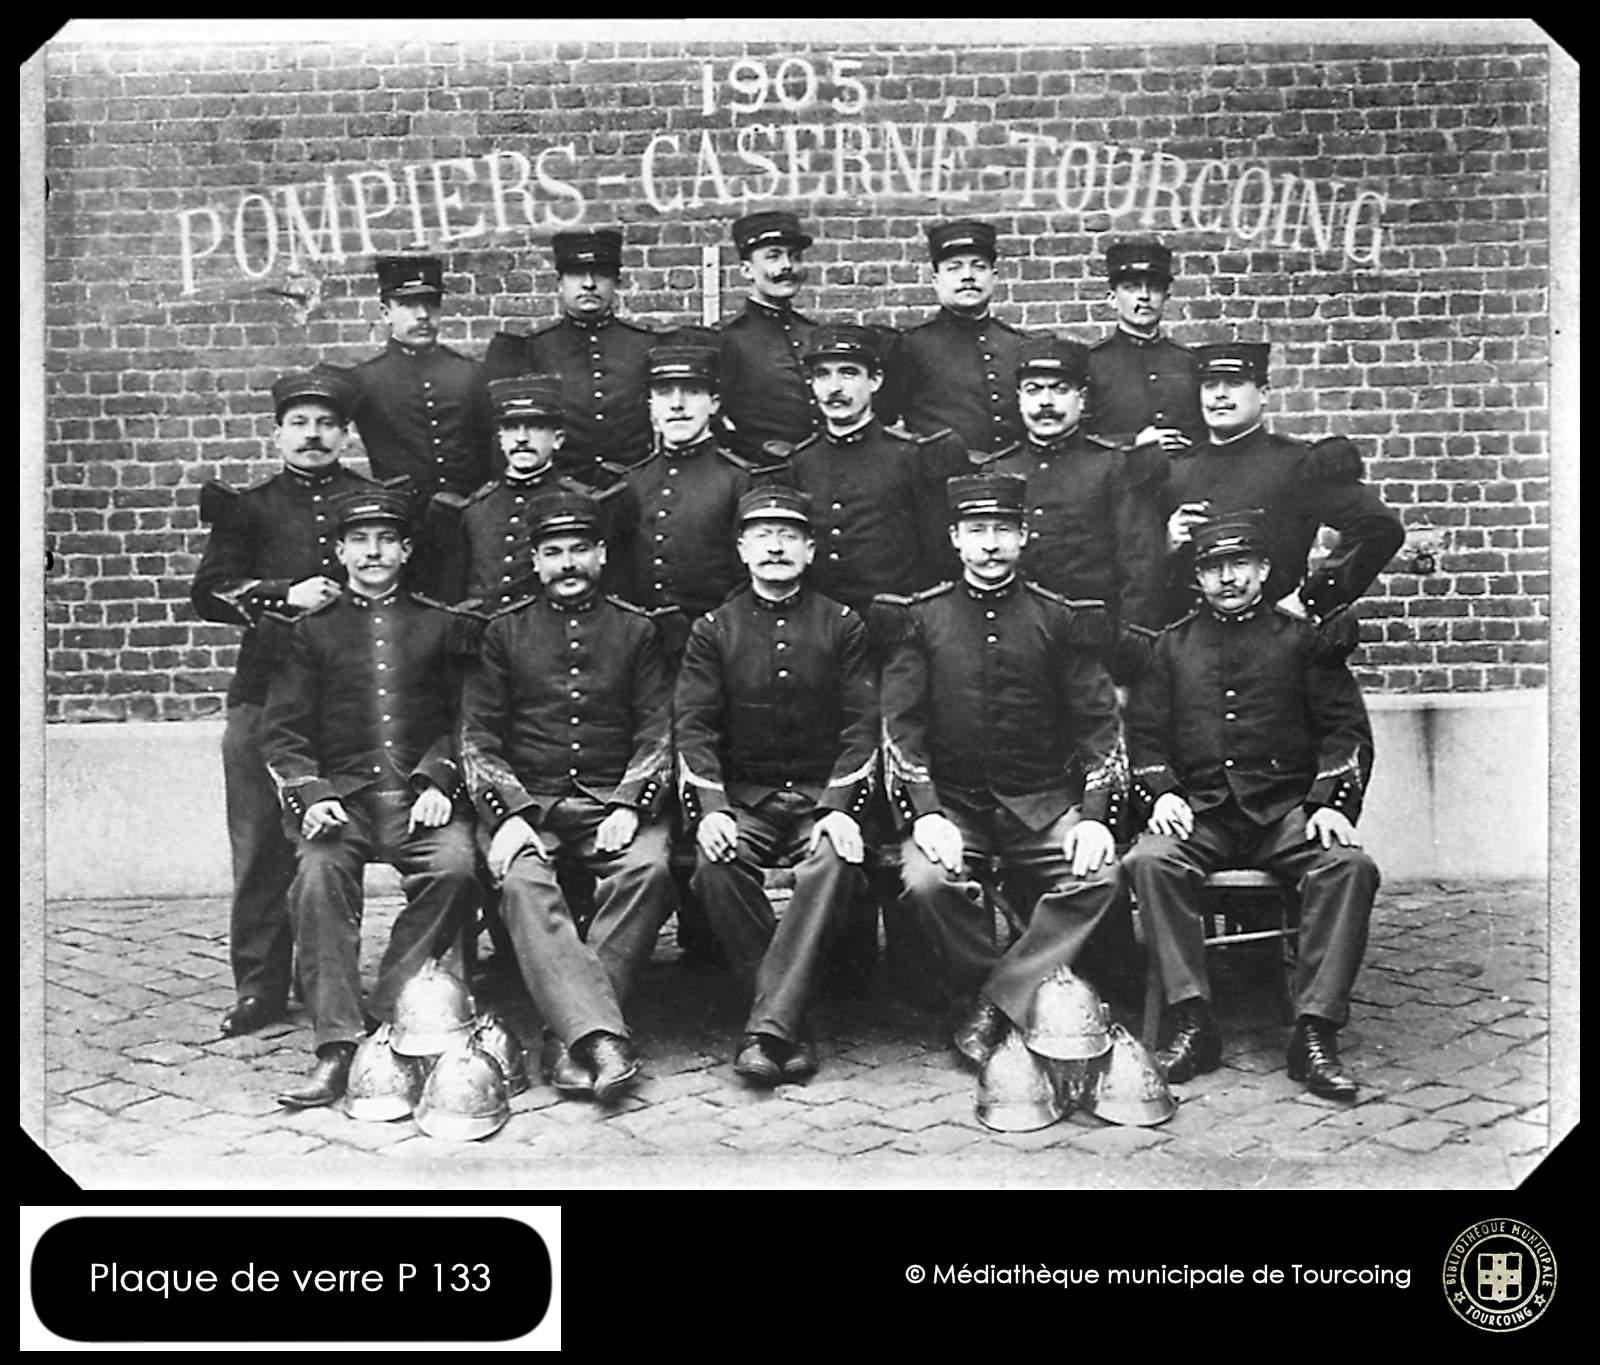 Photo sur plaque de verre - 1905 Pompiers Tourcoing